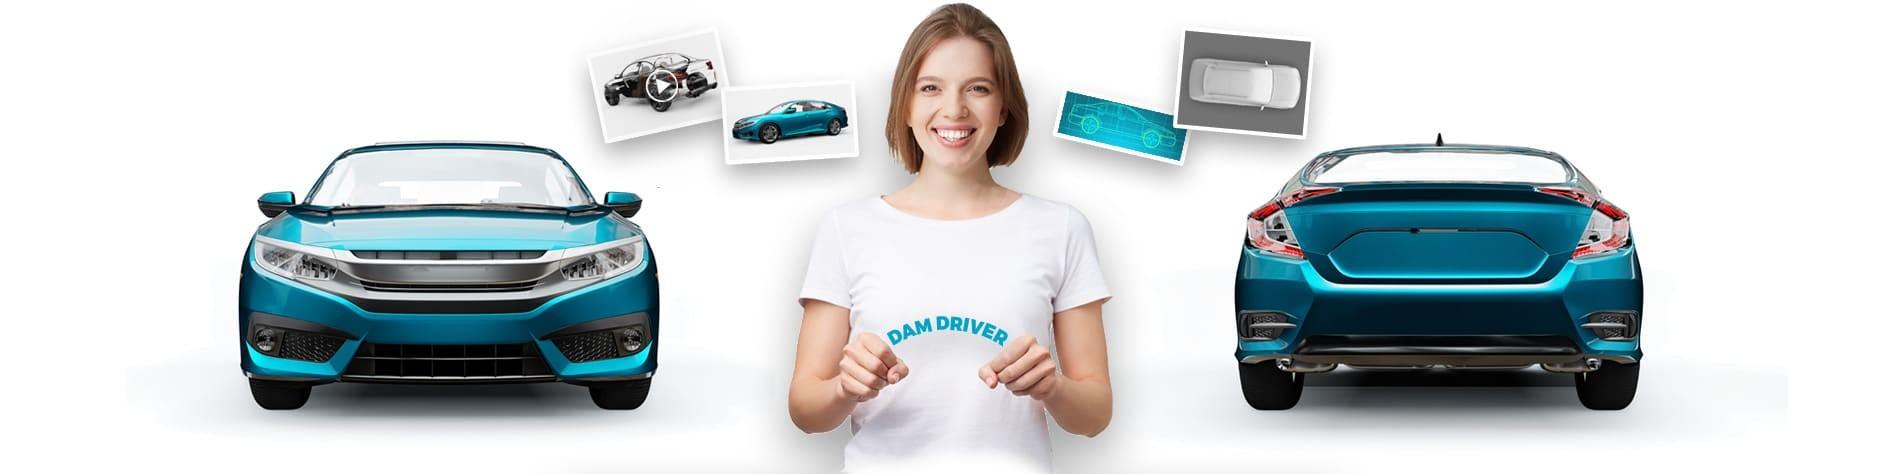 Mit dem Wedia-DAM zum perfekten Omnichannel-Marketing für die Automobilindustrie